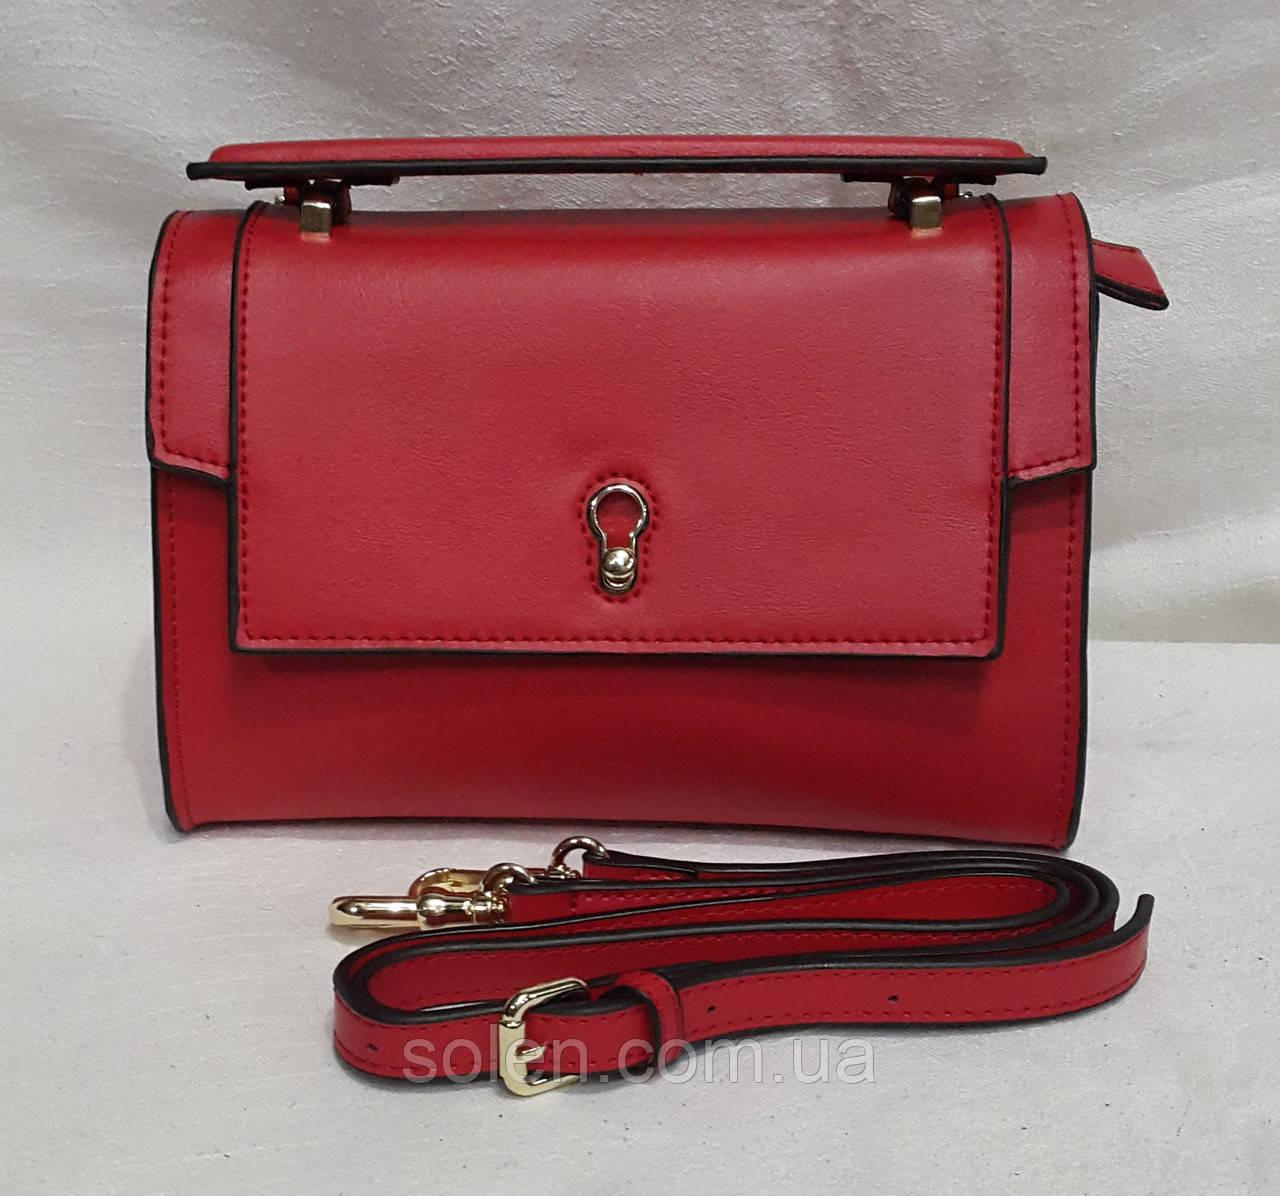 Маленька стильна сумочка.Шкіряна маленька сумочка.